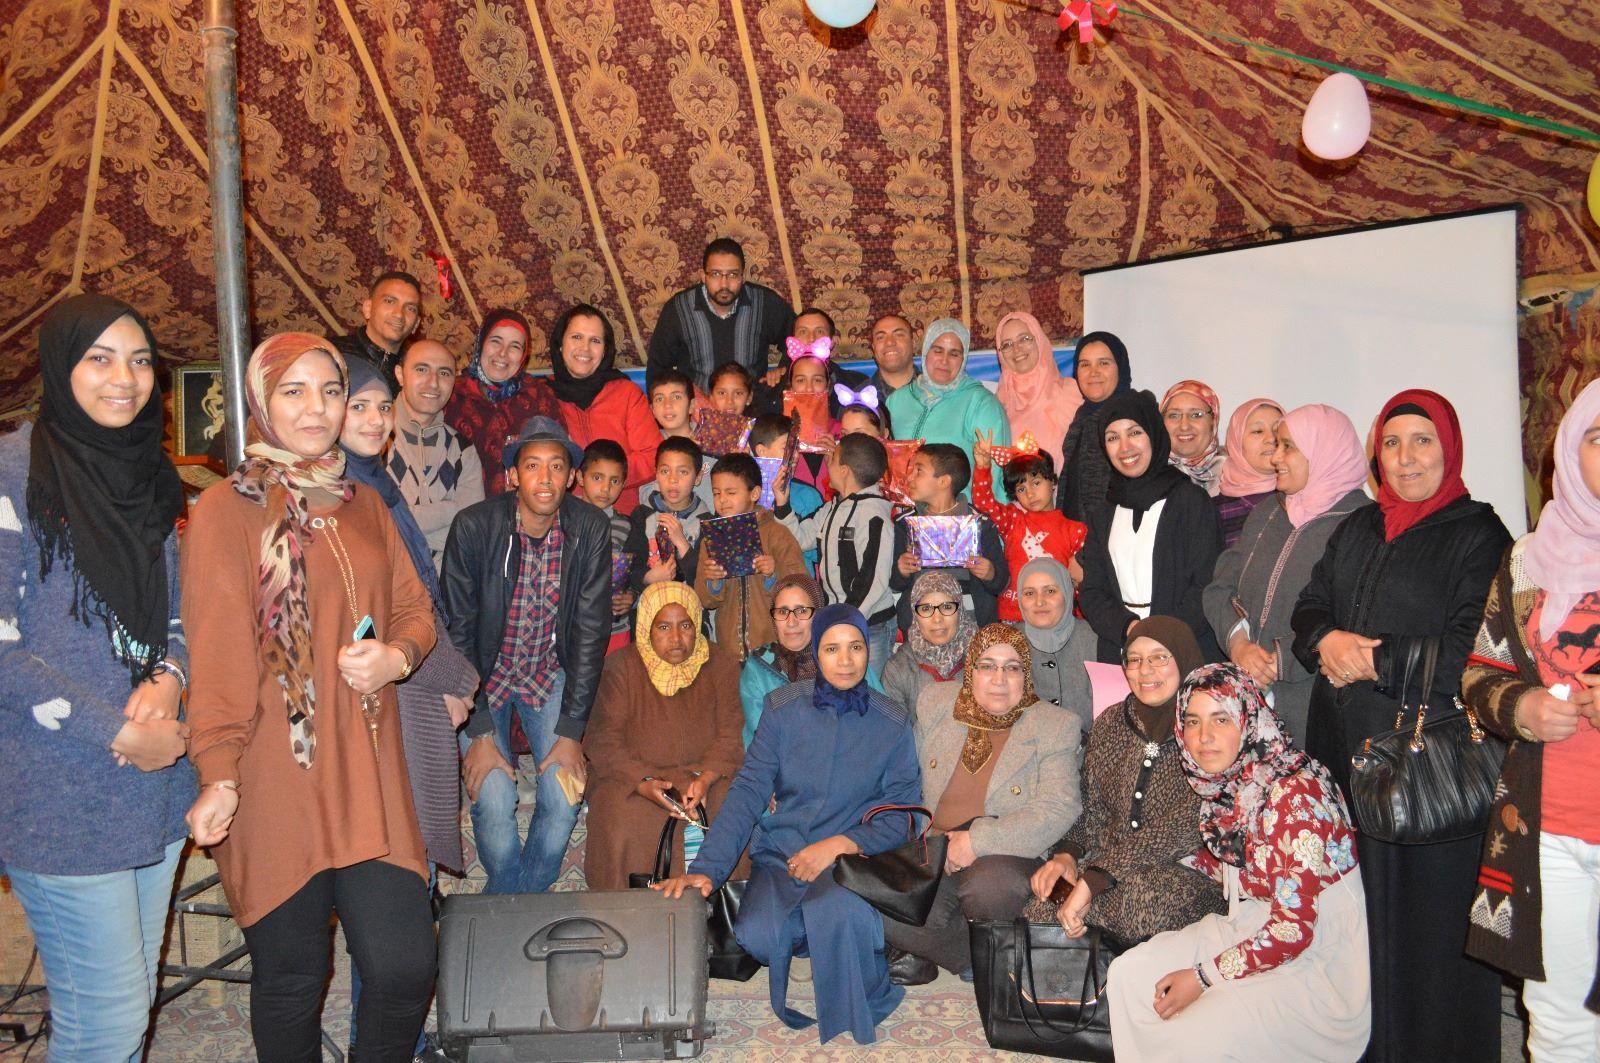 جمعية الأعمال الاجتماعية لموظفي و أعوان بلدية ميدلت يكرمون المراة في عيدها العالمي